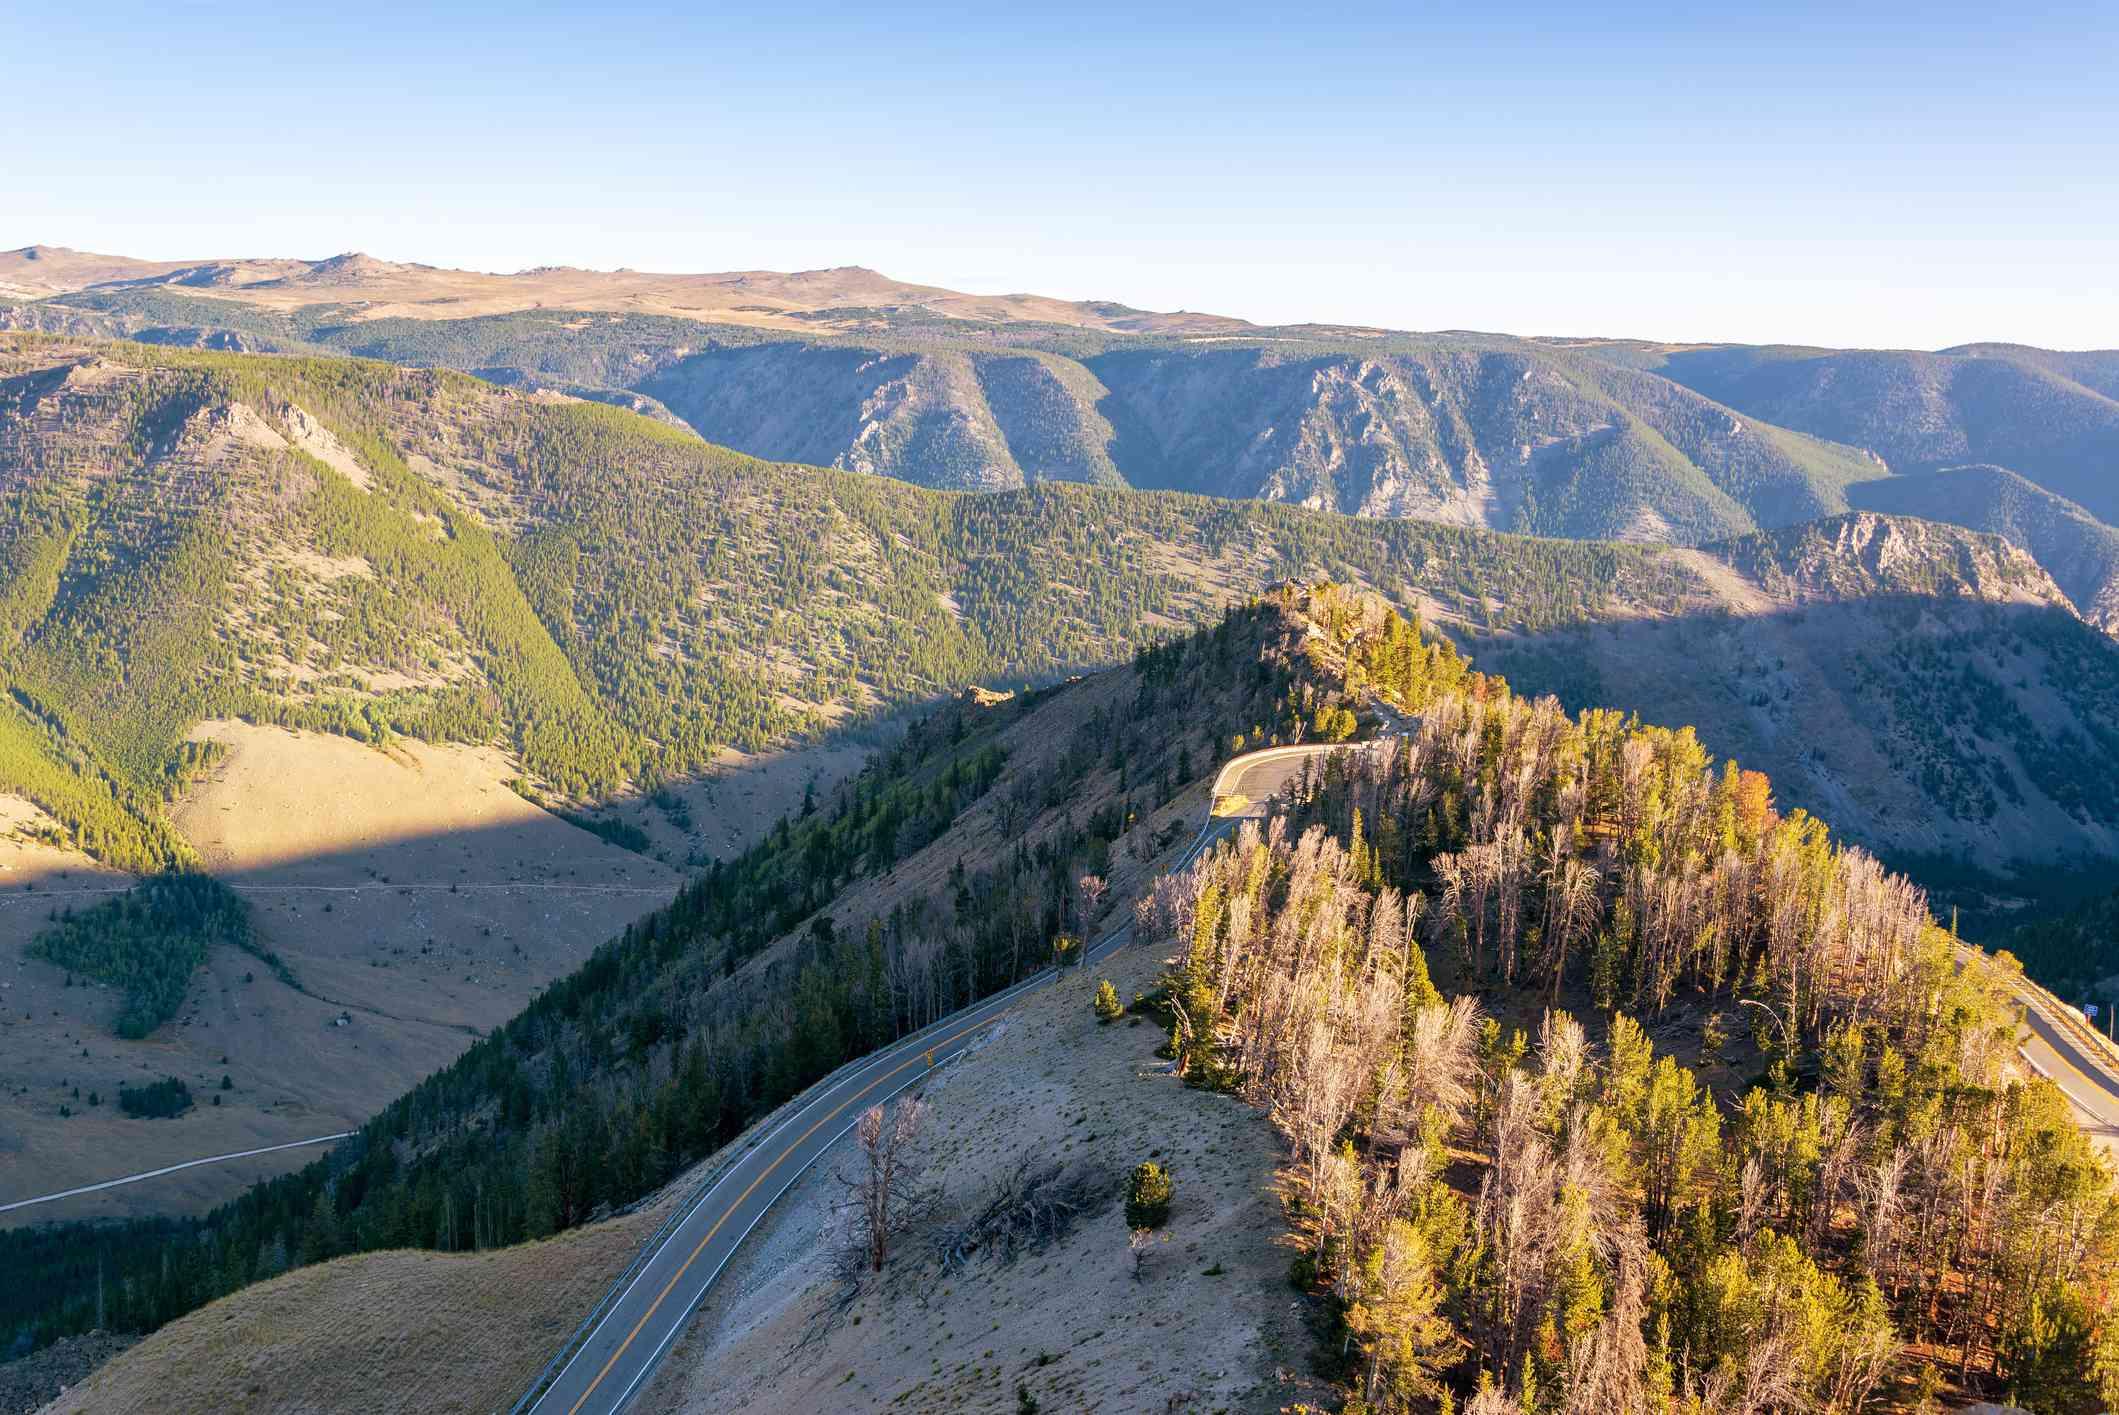 Vista de las montañas Beartooth en Montana